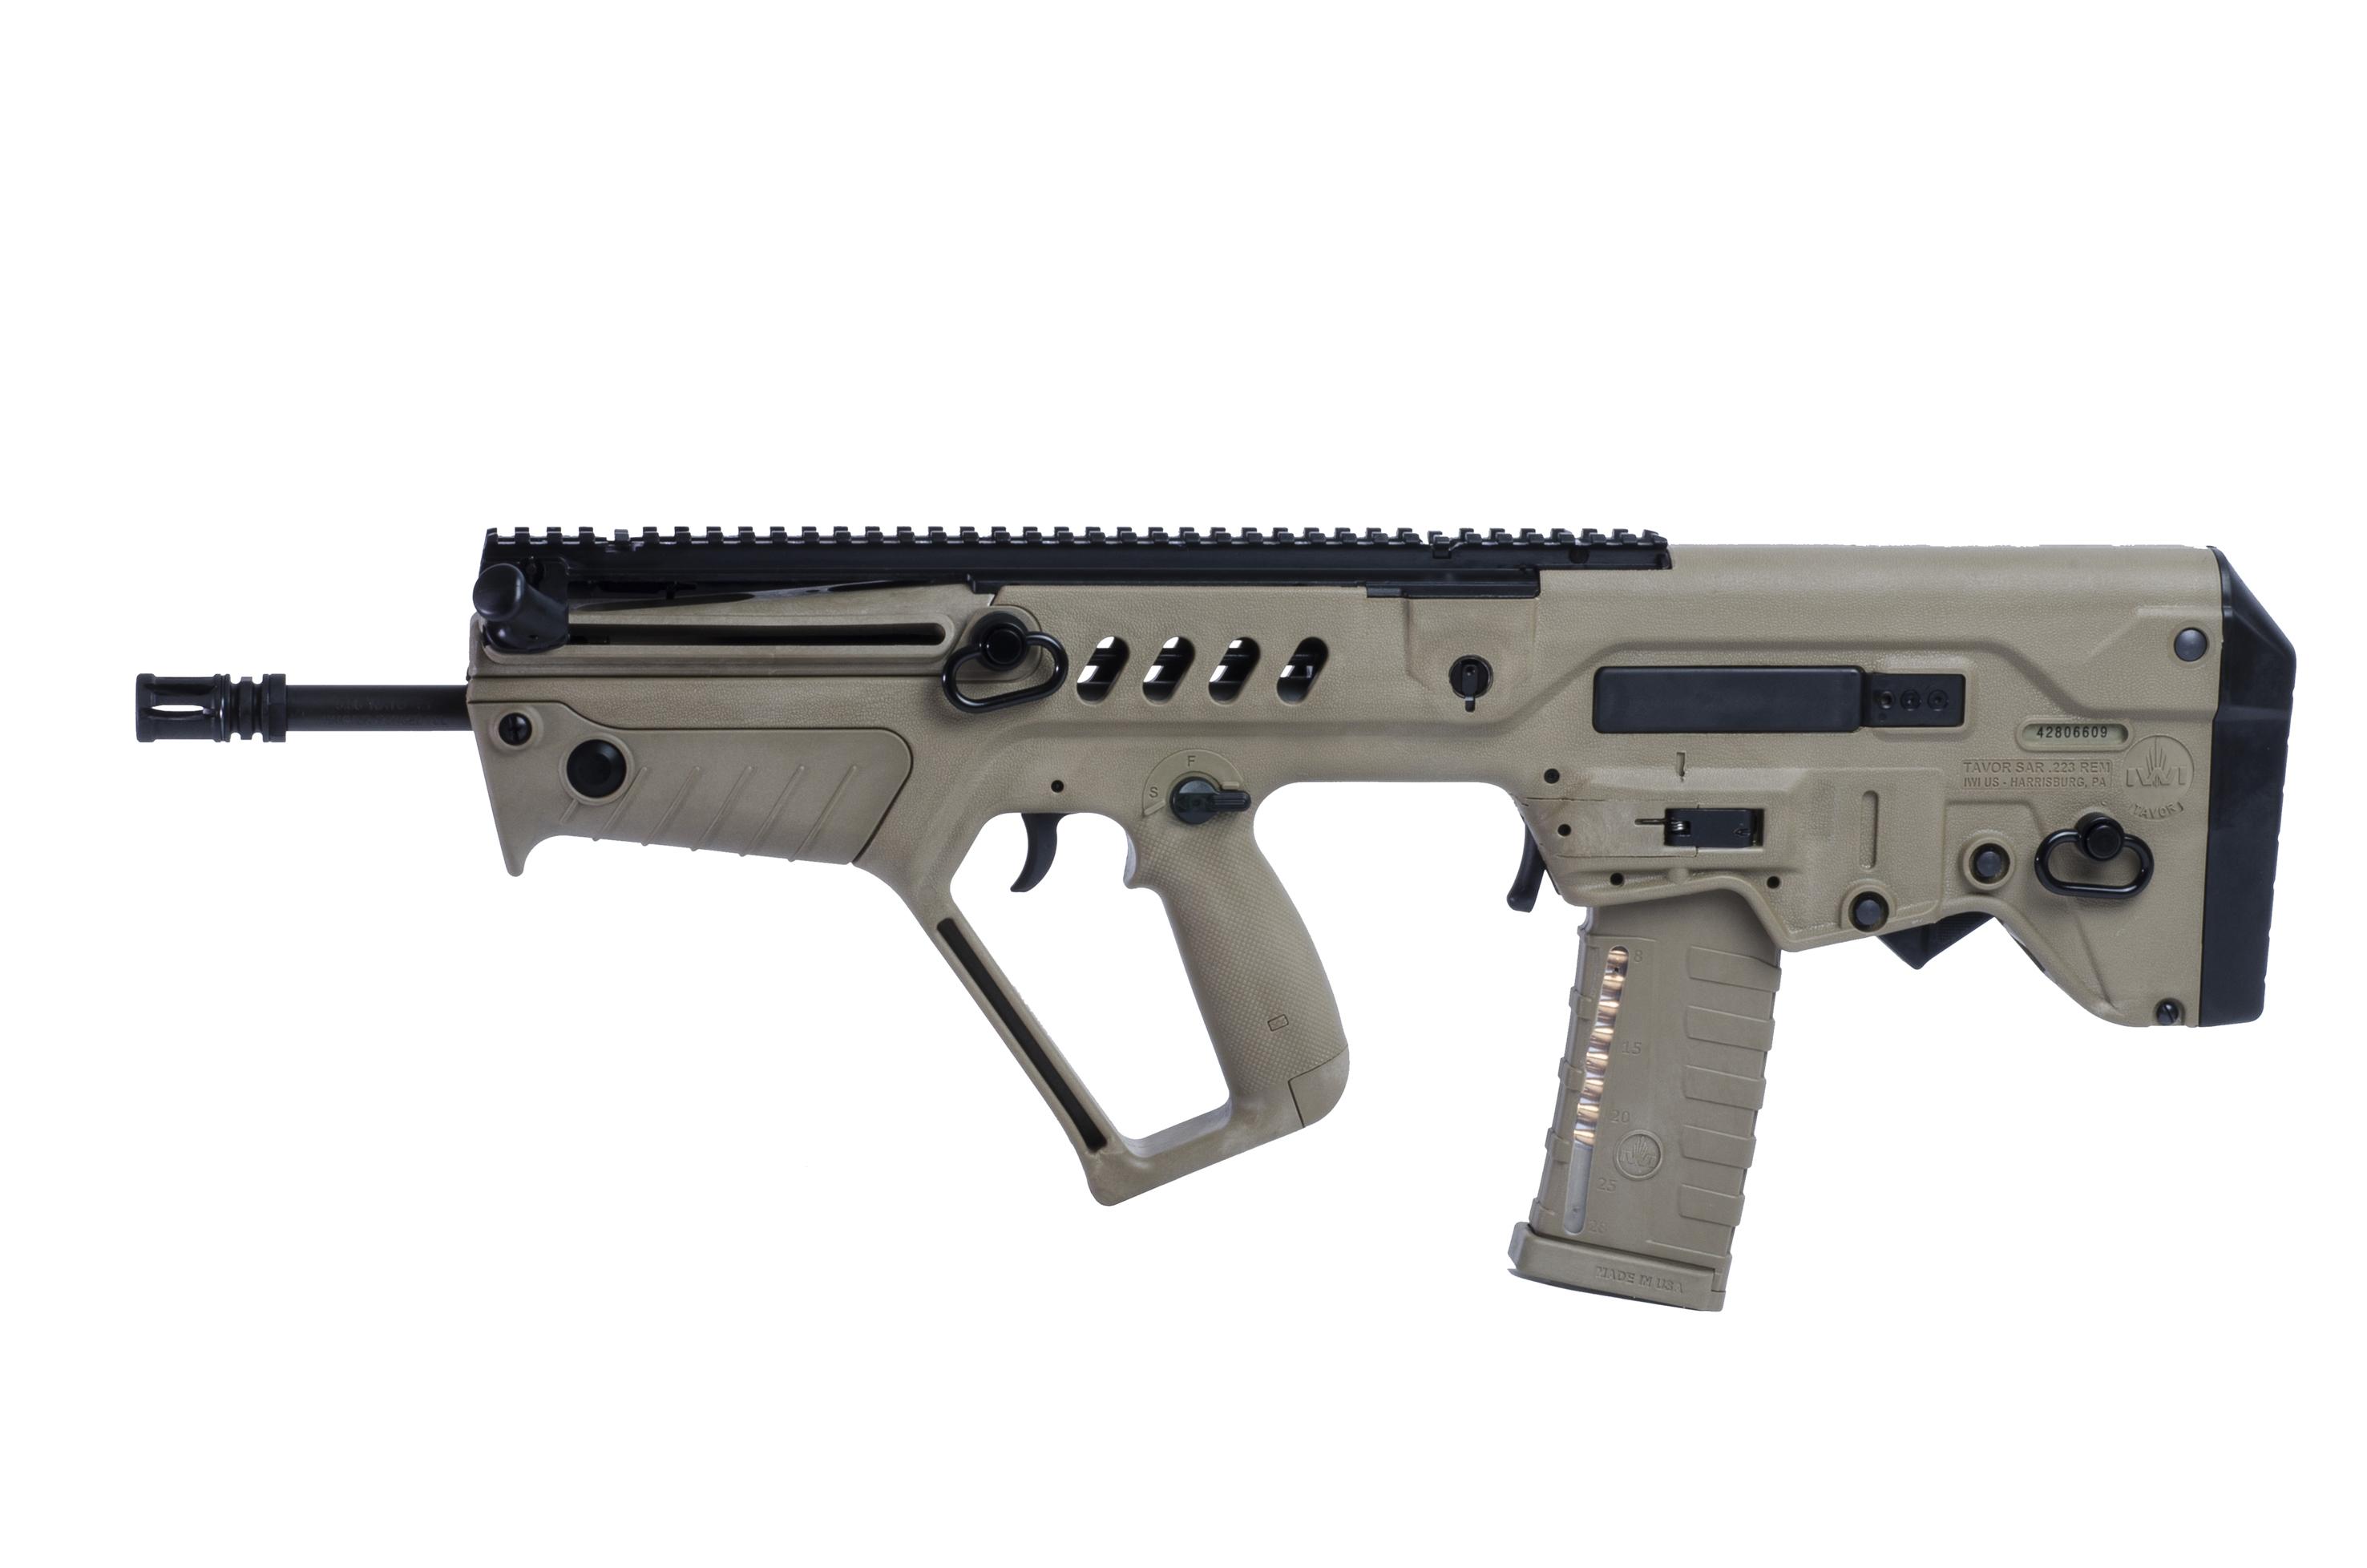 Tavor Assault Rifle Hd Wallpaper